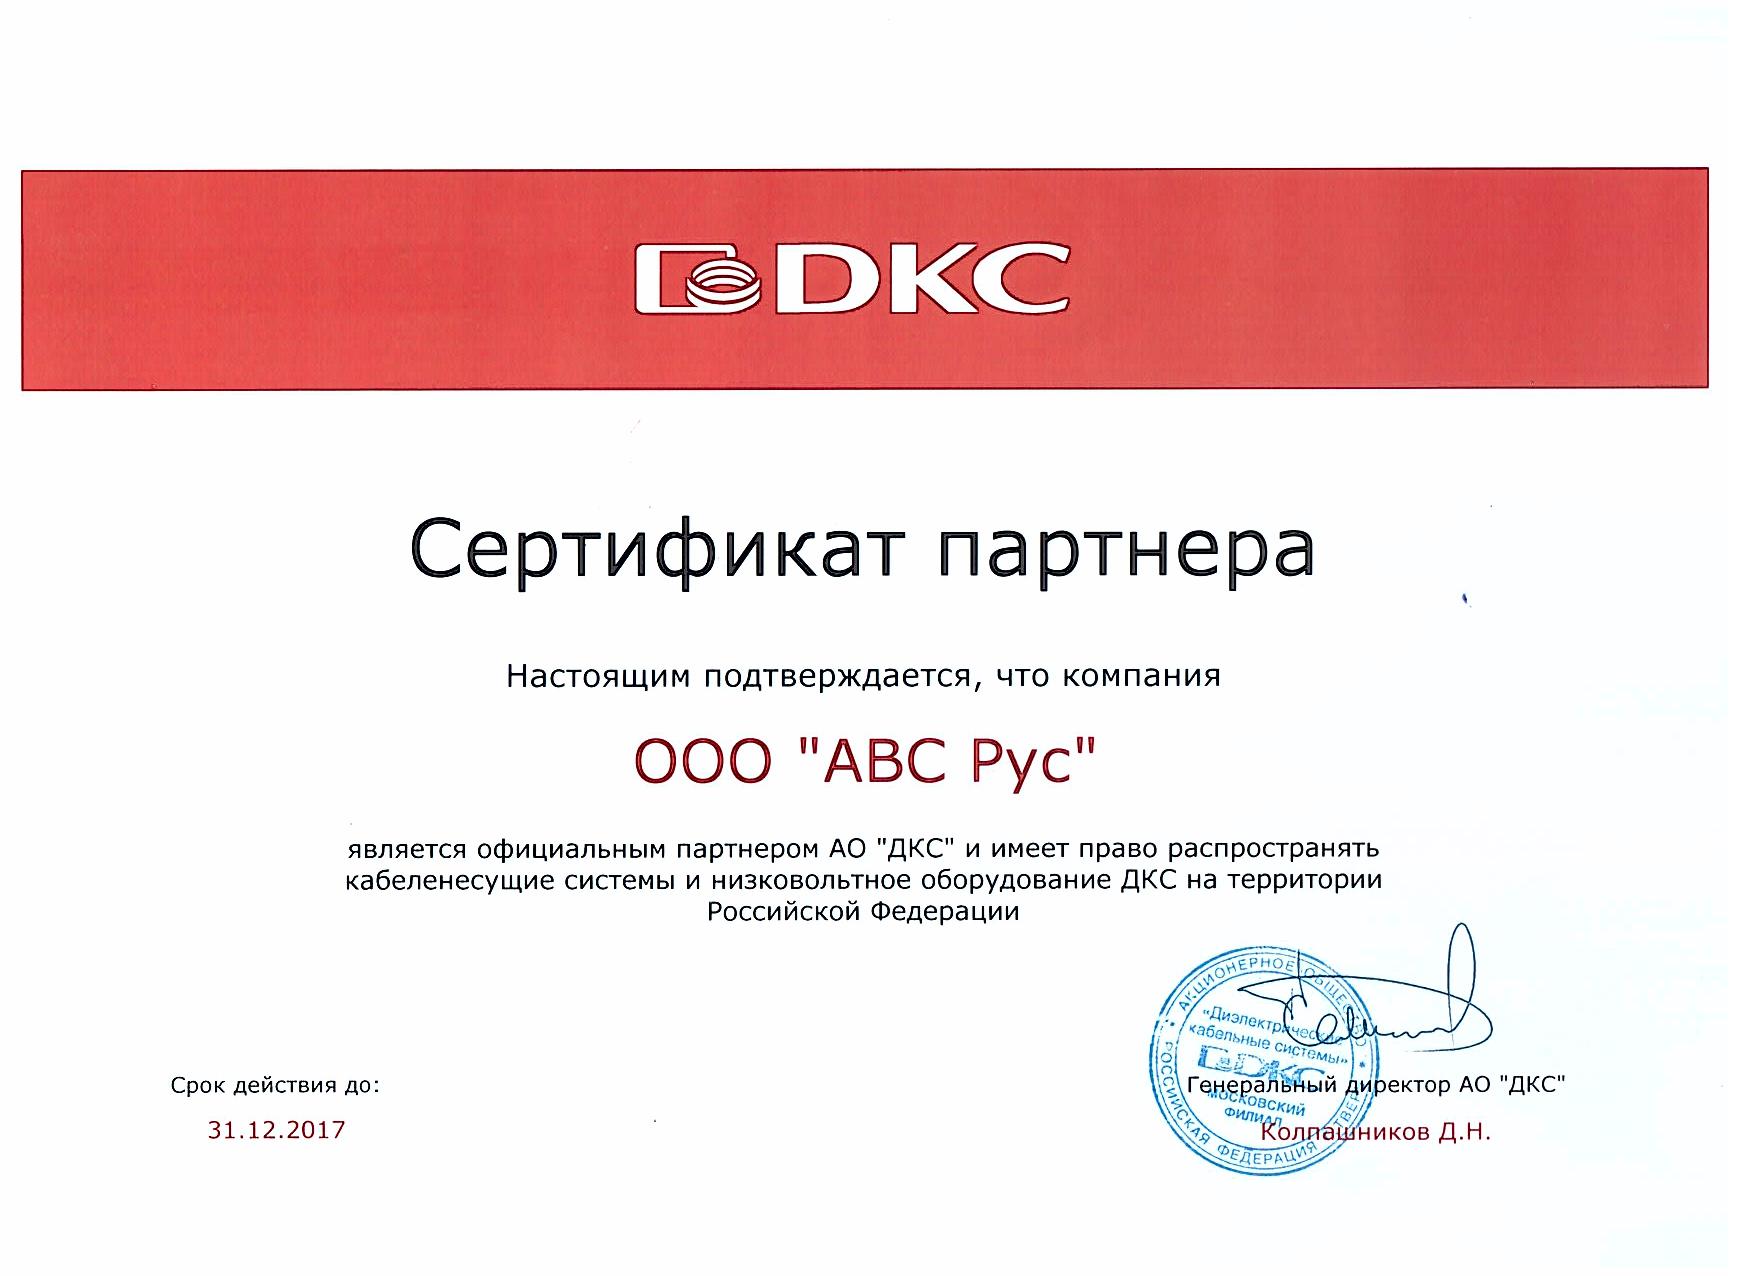 Сертификат  официального партнера компании DKC